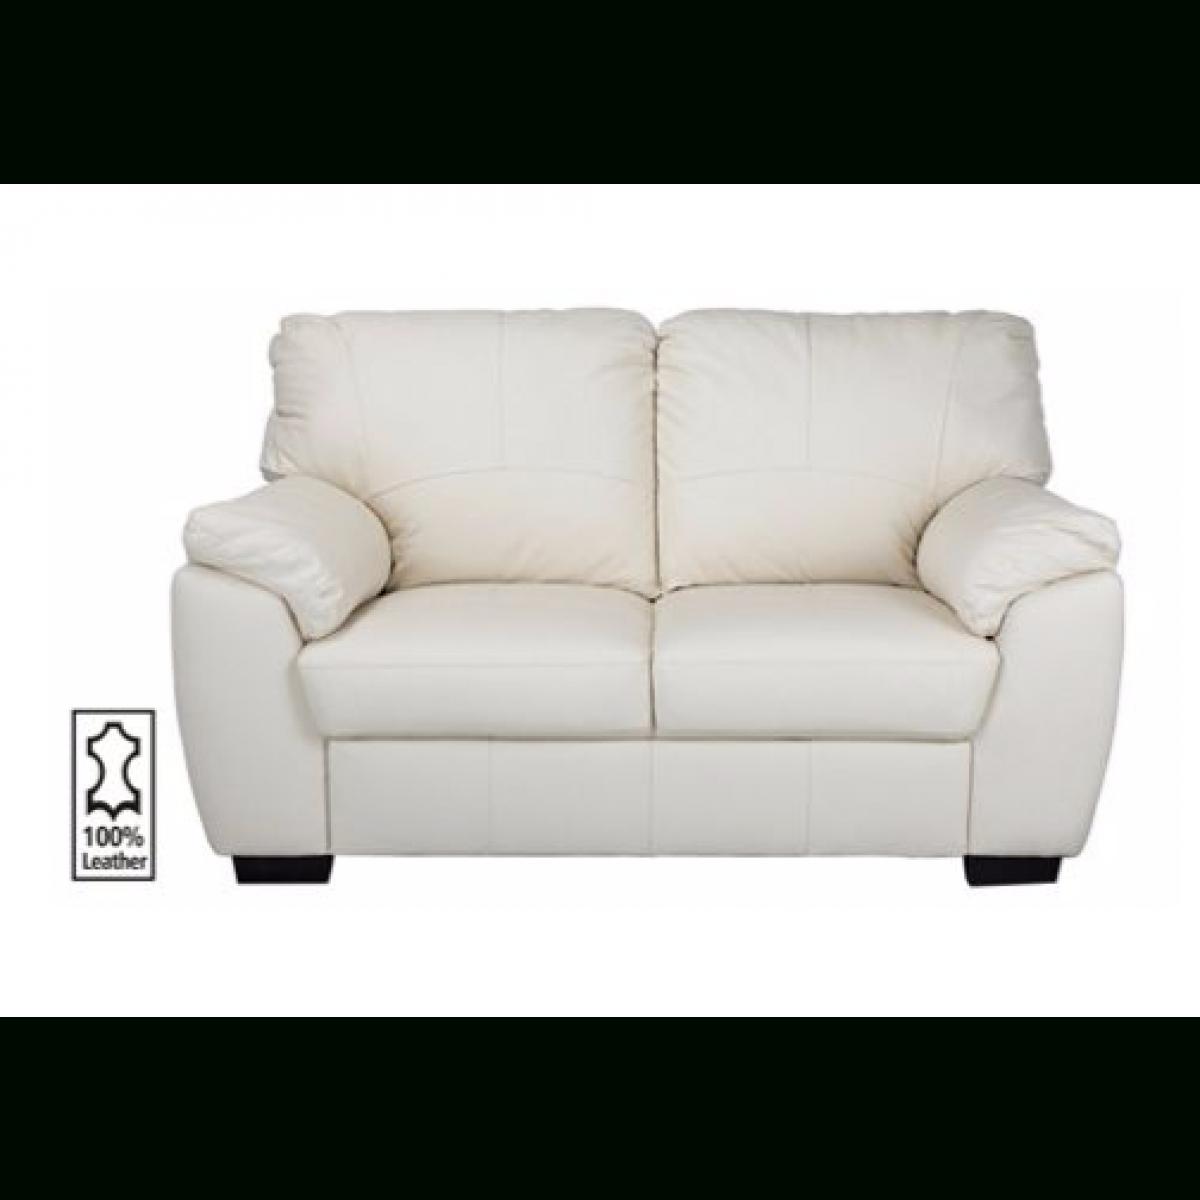 Milano Regular Leather Sofa - Ivory. - Furnico Village pertaining to Ivory Leather Sofas (Image 21 of 30)